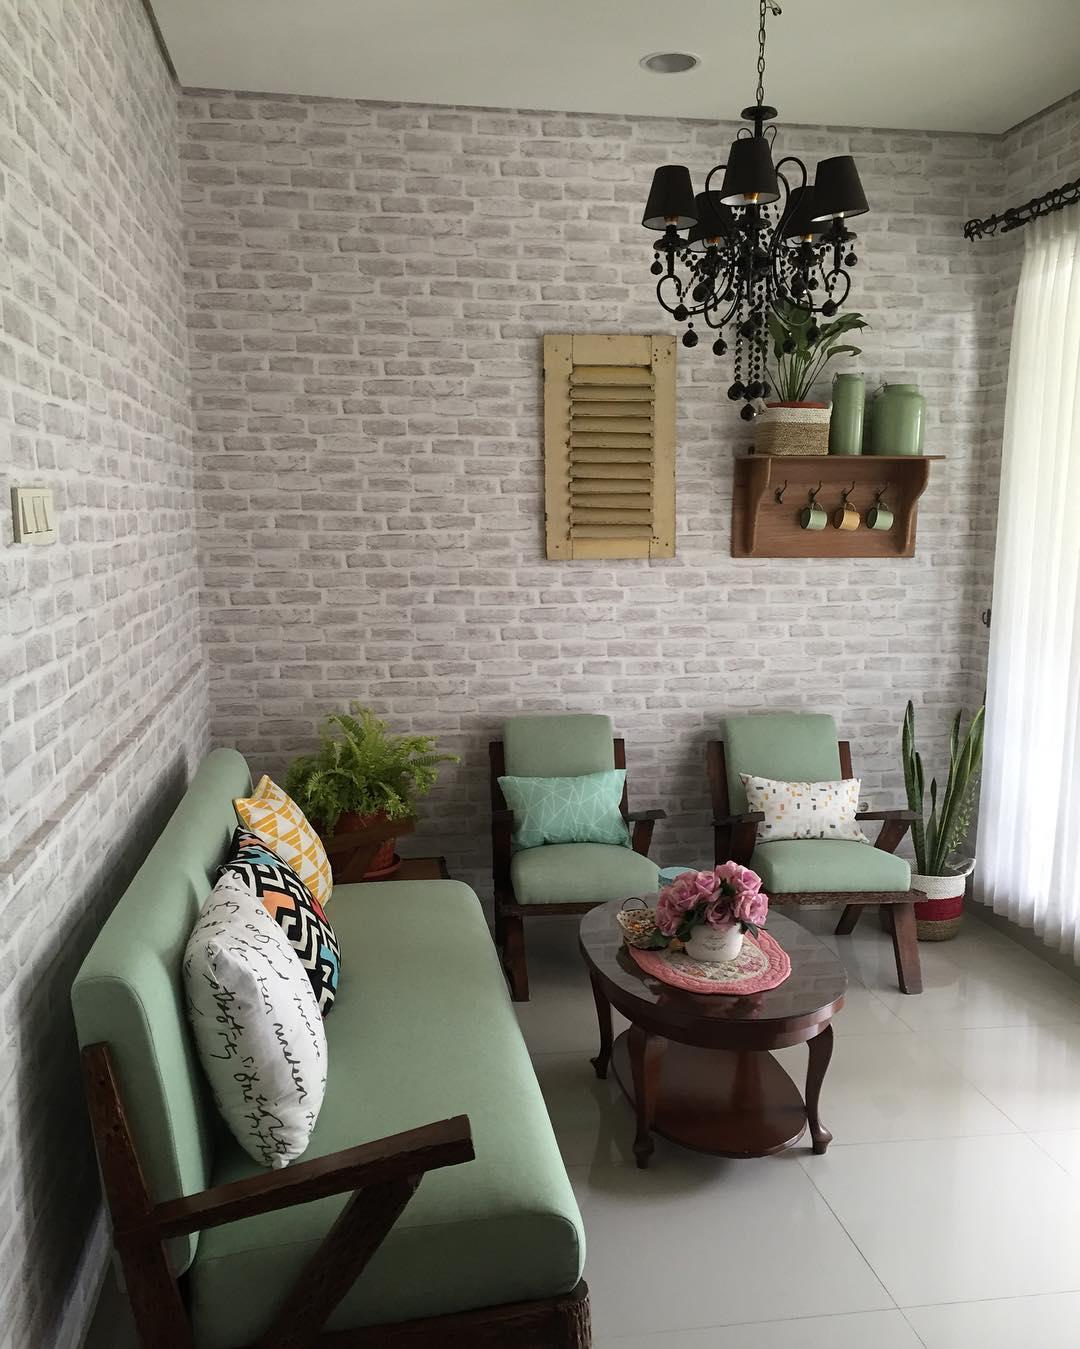 Desain Wallpaper Rumah Minimalis Aoi House